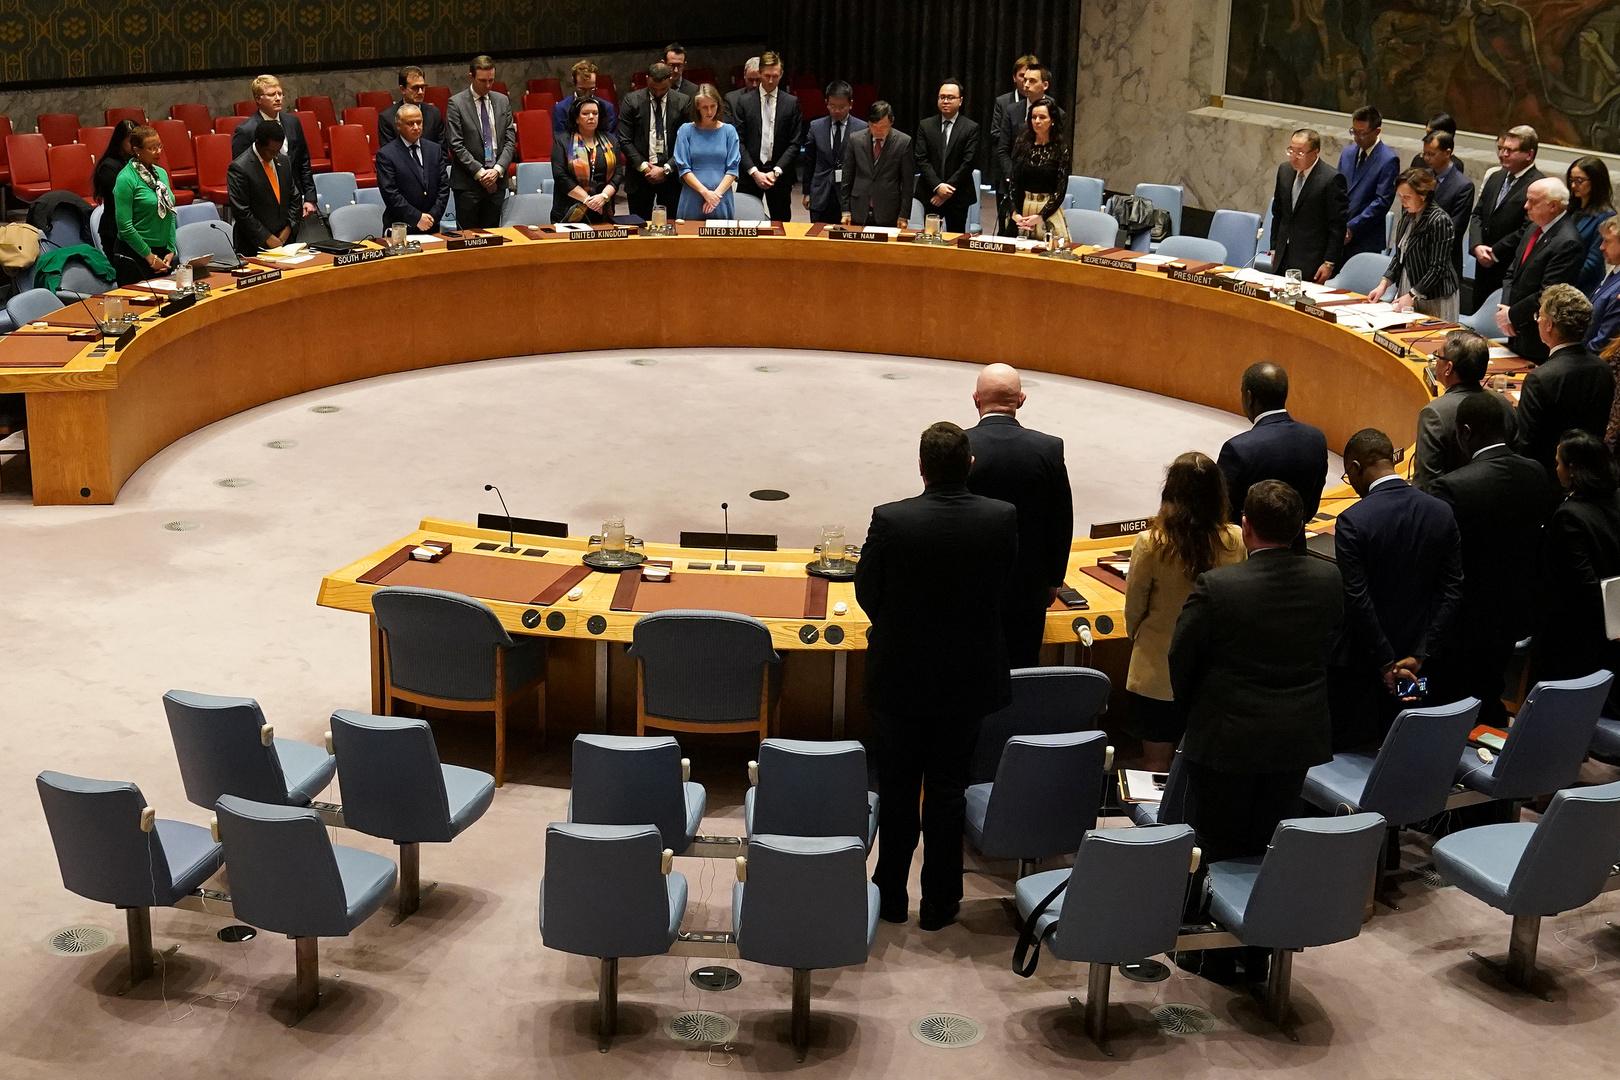 مجلس الأمن الدولي يوافق على مبعوثين جديدين للأمم المتحدة لليبيا والشرق الأوسط